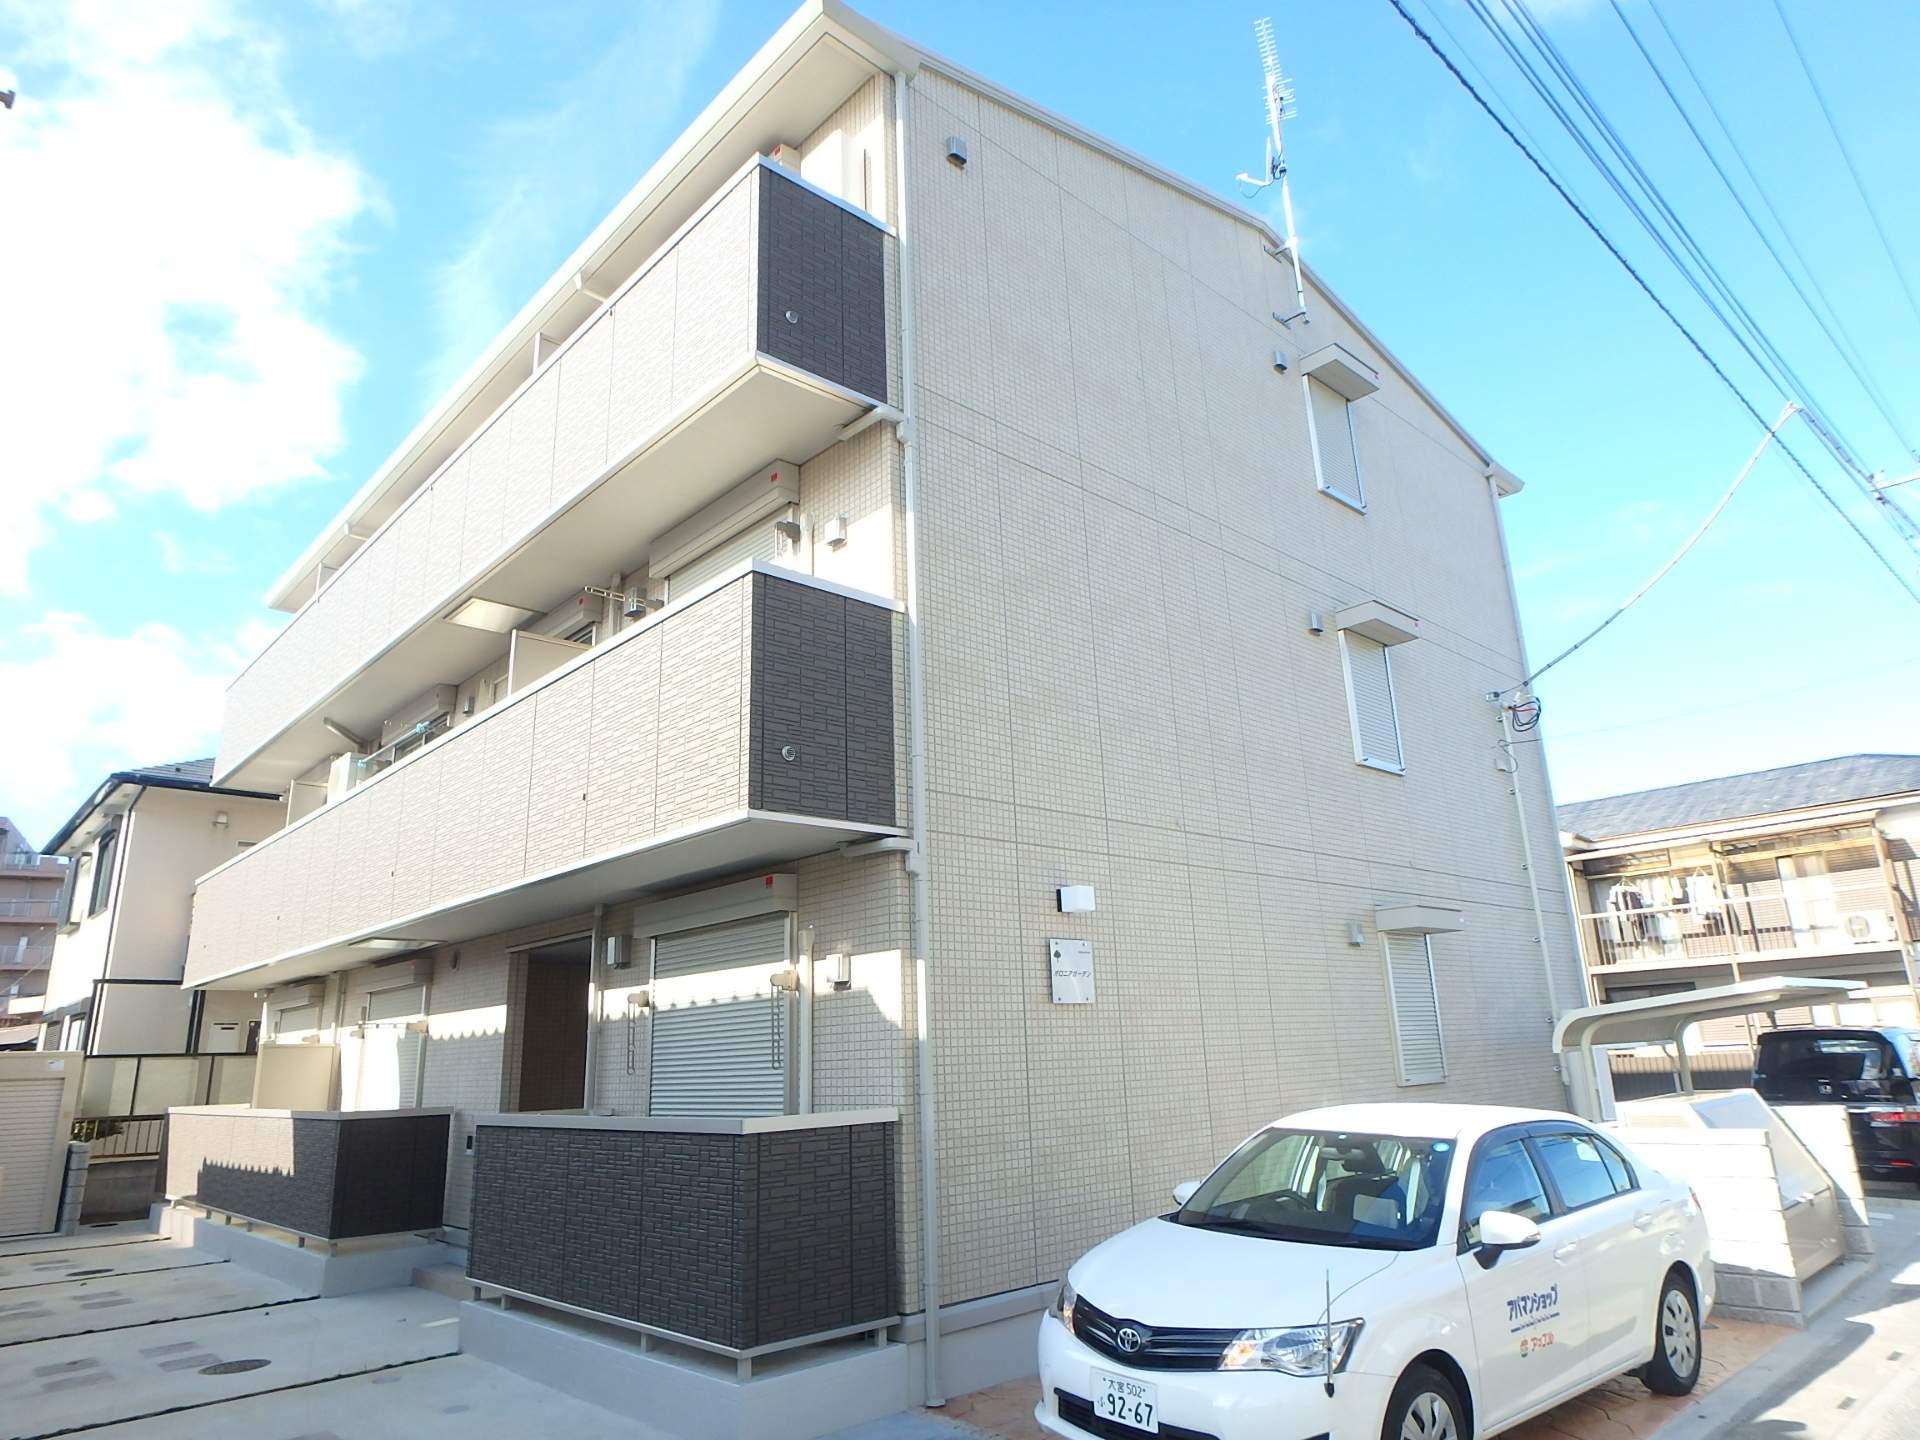 埼玉県さいたま市大宮区、北与野駅徒歩25分の築2年 3階建の賃貸アパート